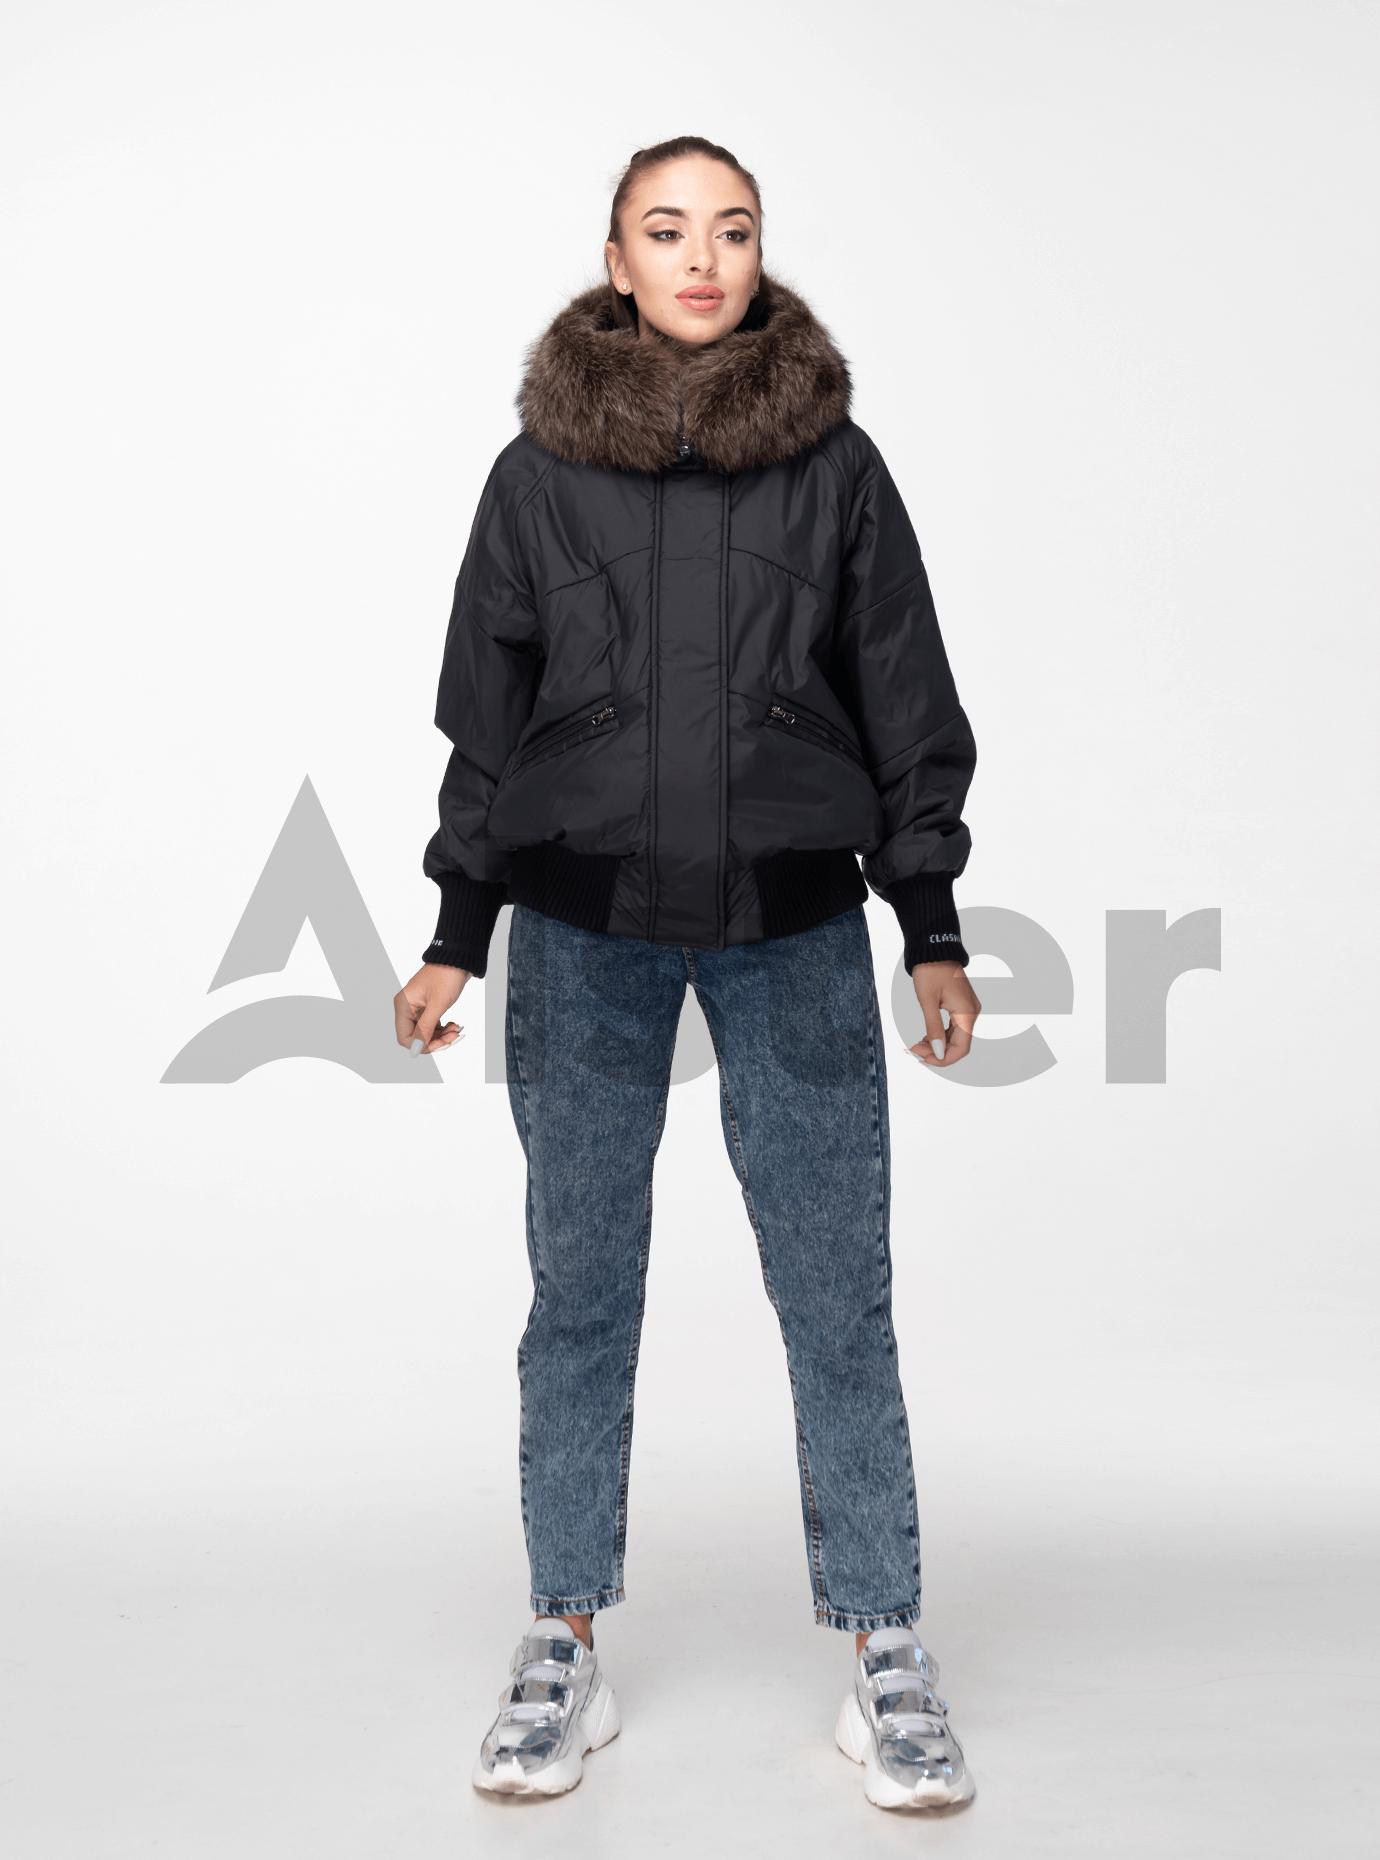 Зимняя женская куртка с мехом Чёрный M (02-190168): фото - Alster.ua